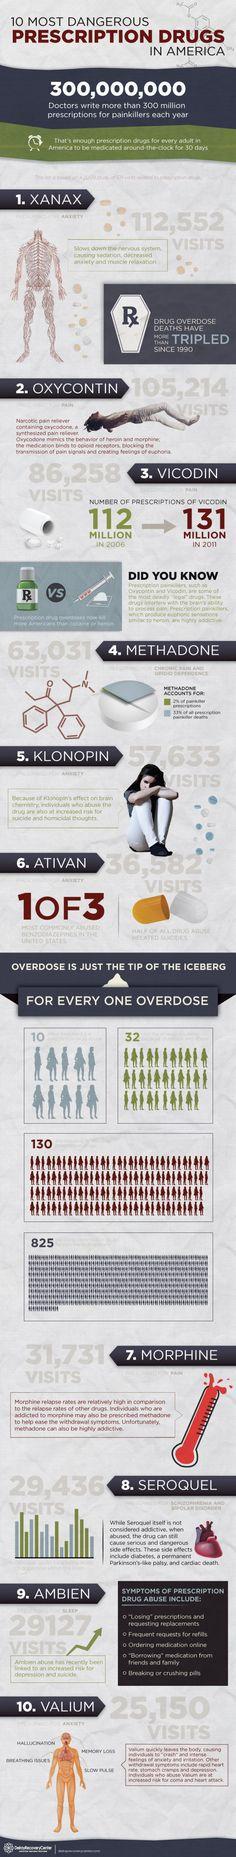 10 Most Dangerous Prescription Drugs